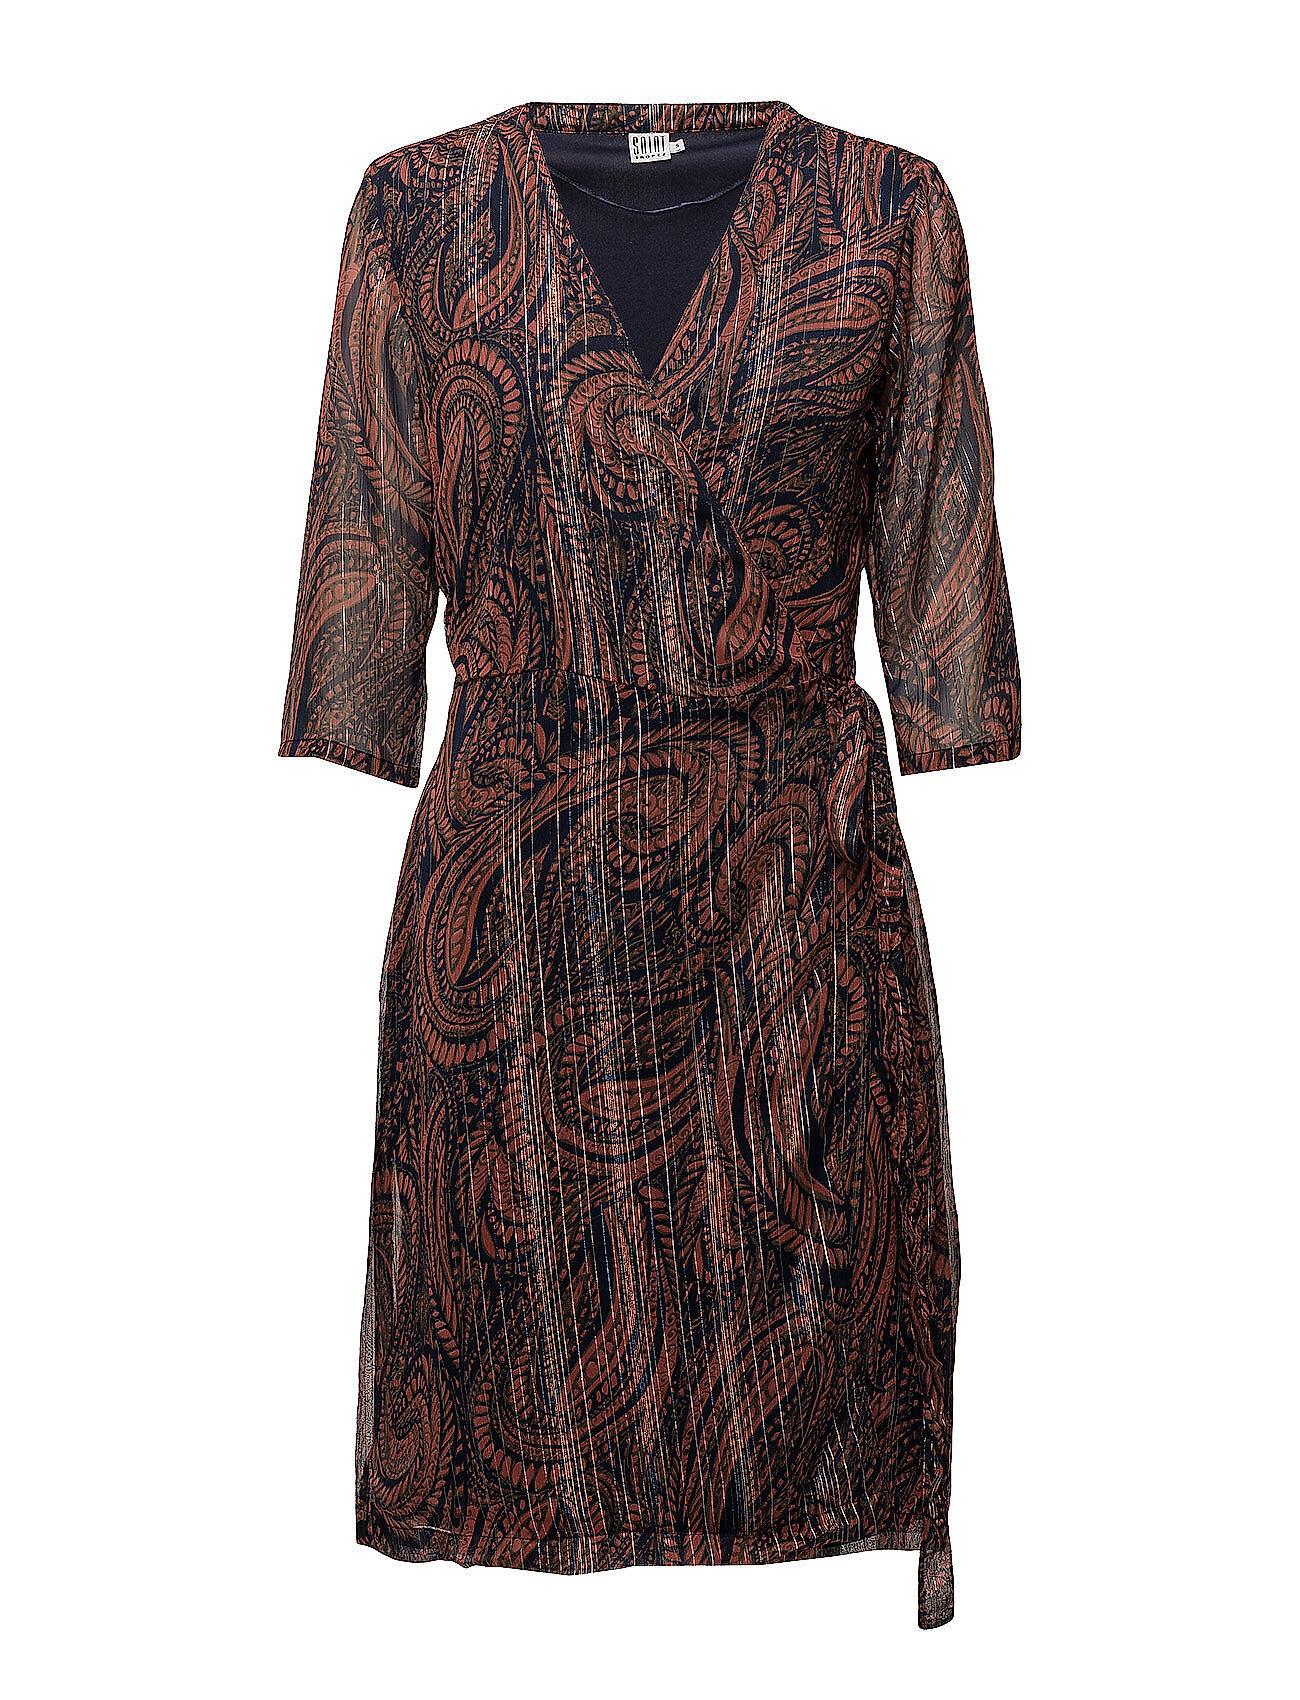 Saint Tropez Paisley Print Wrap Dress Lyhyt Mekko Ruskea Saint Tropez